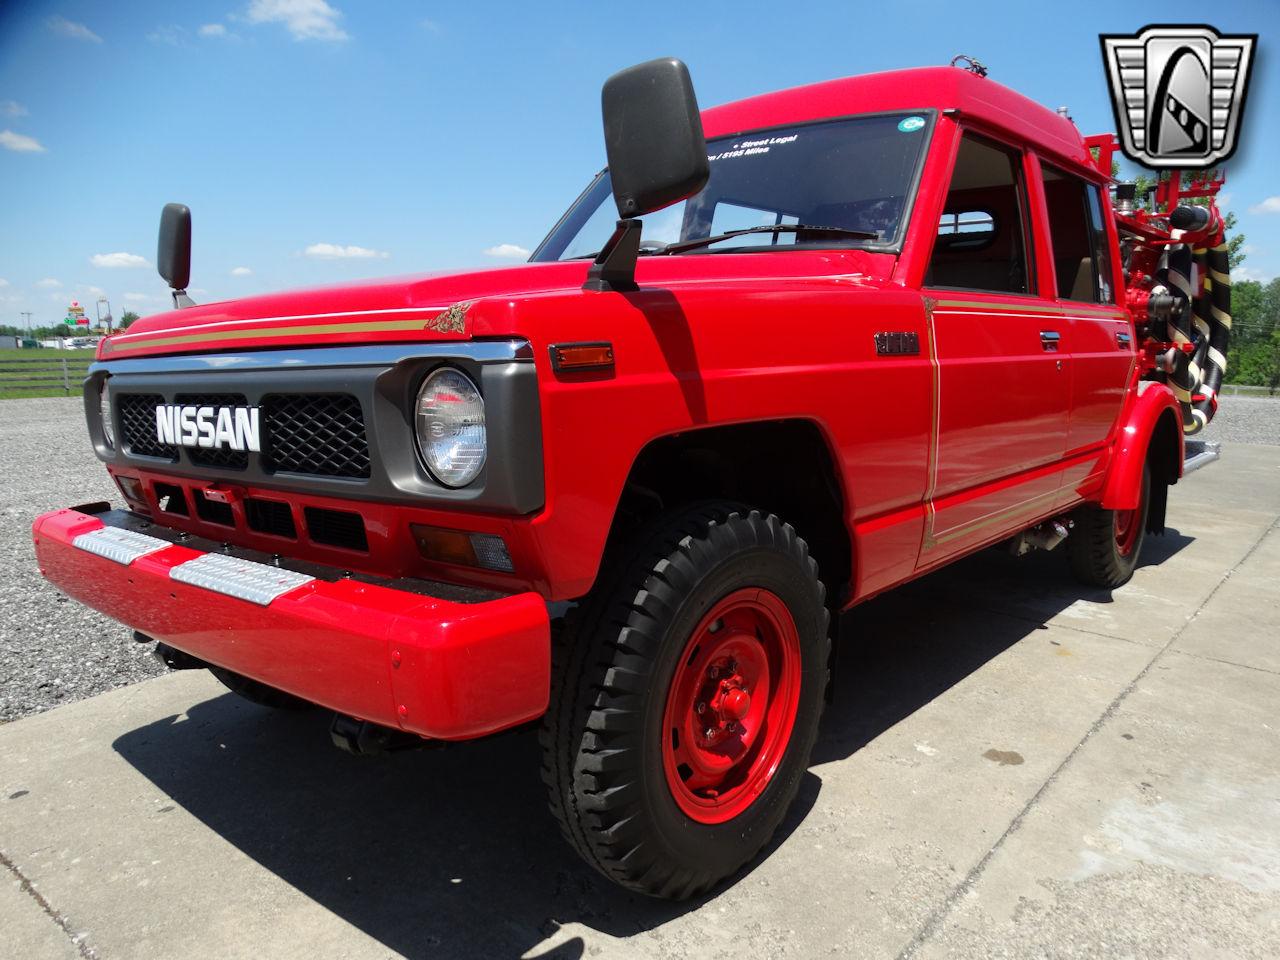 1991 ニッサン サファリ 消防車 4x4